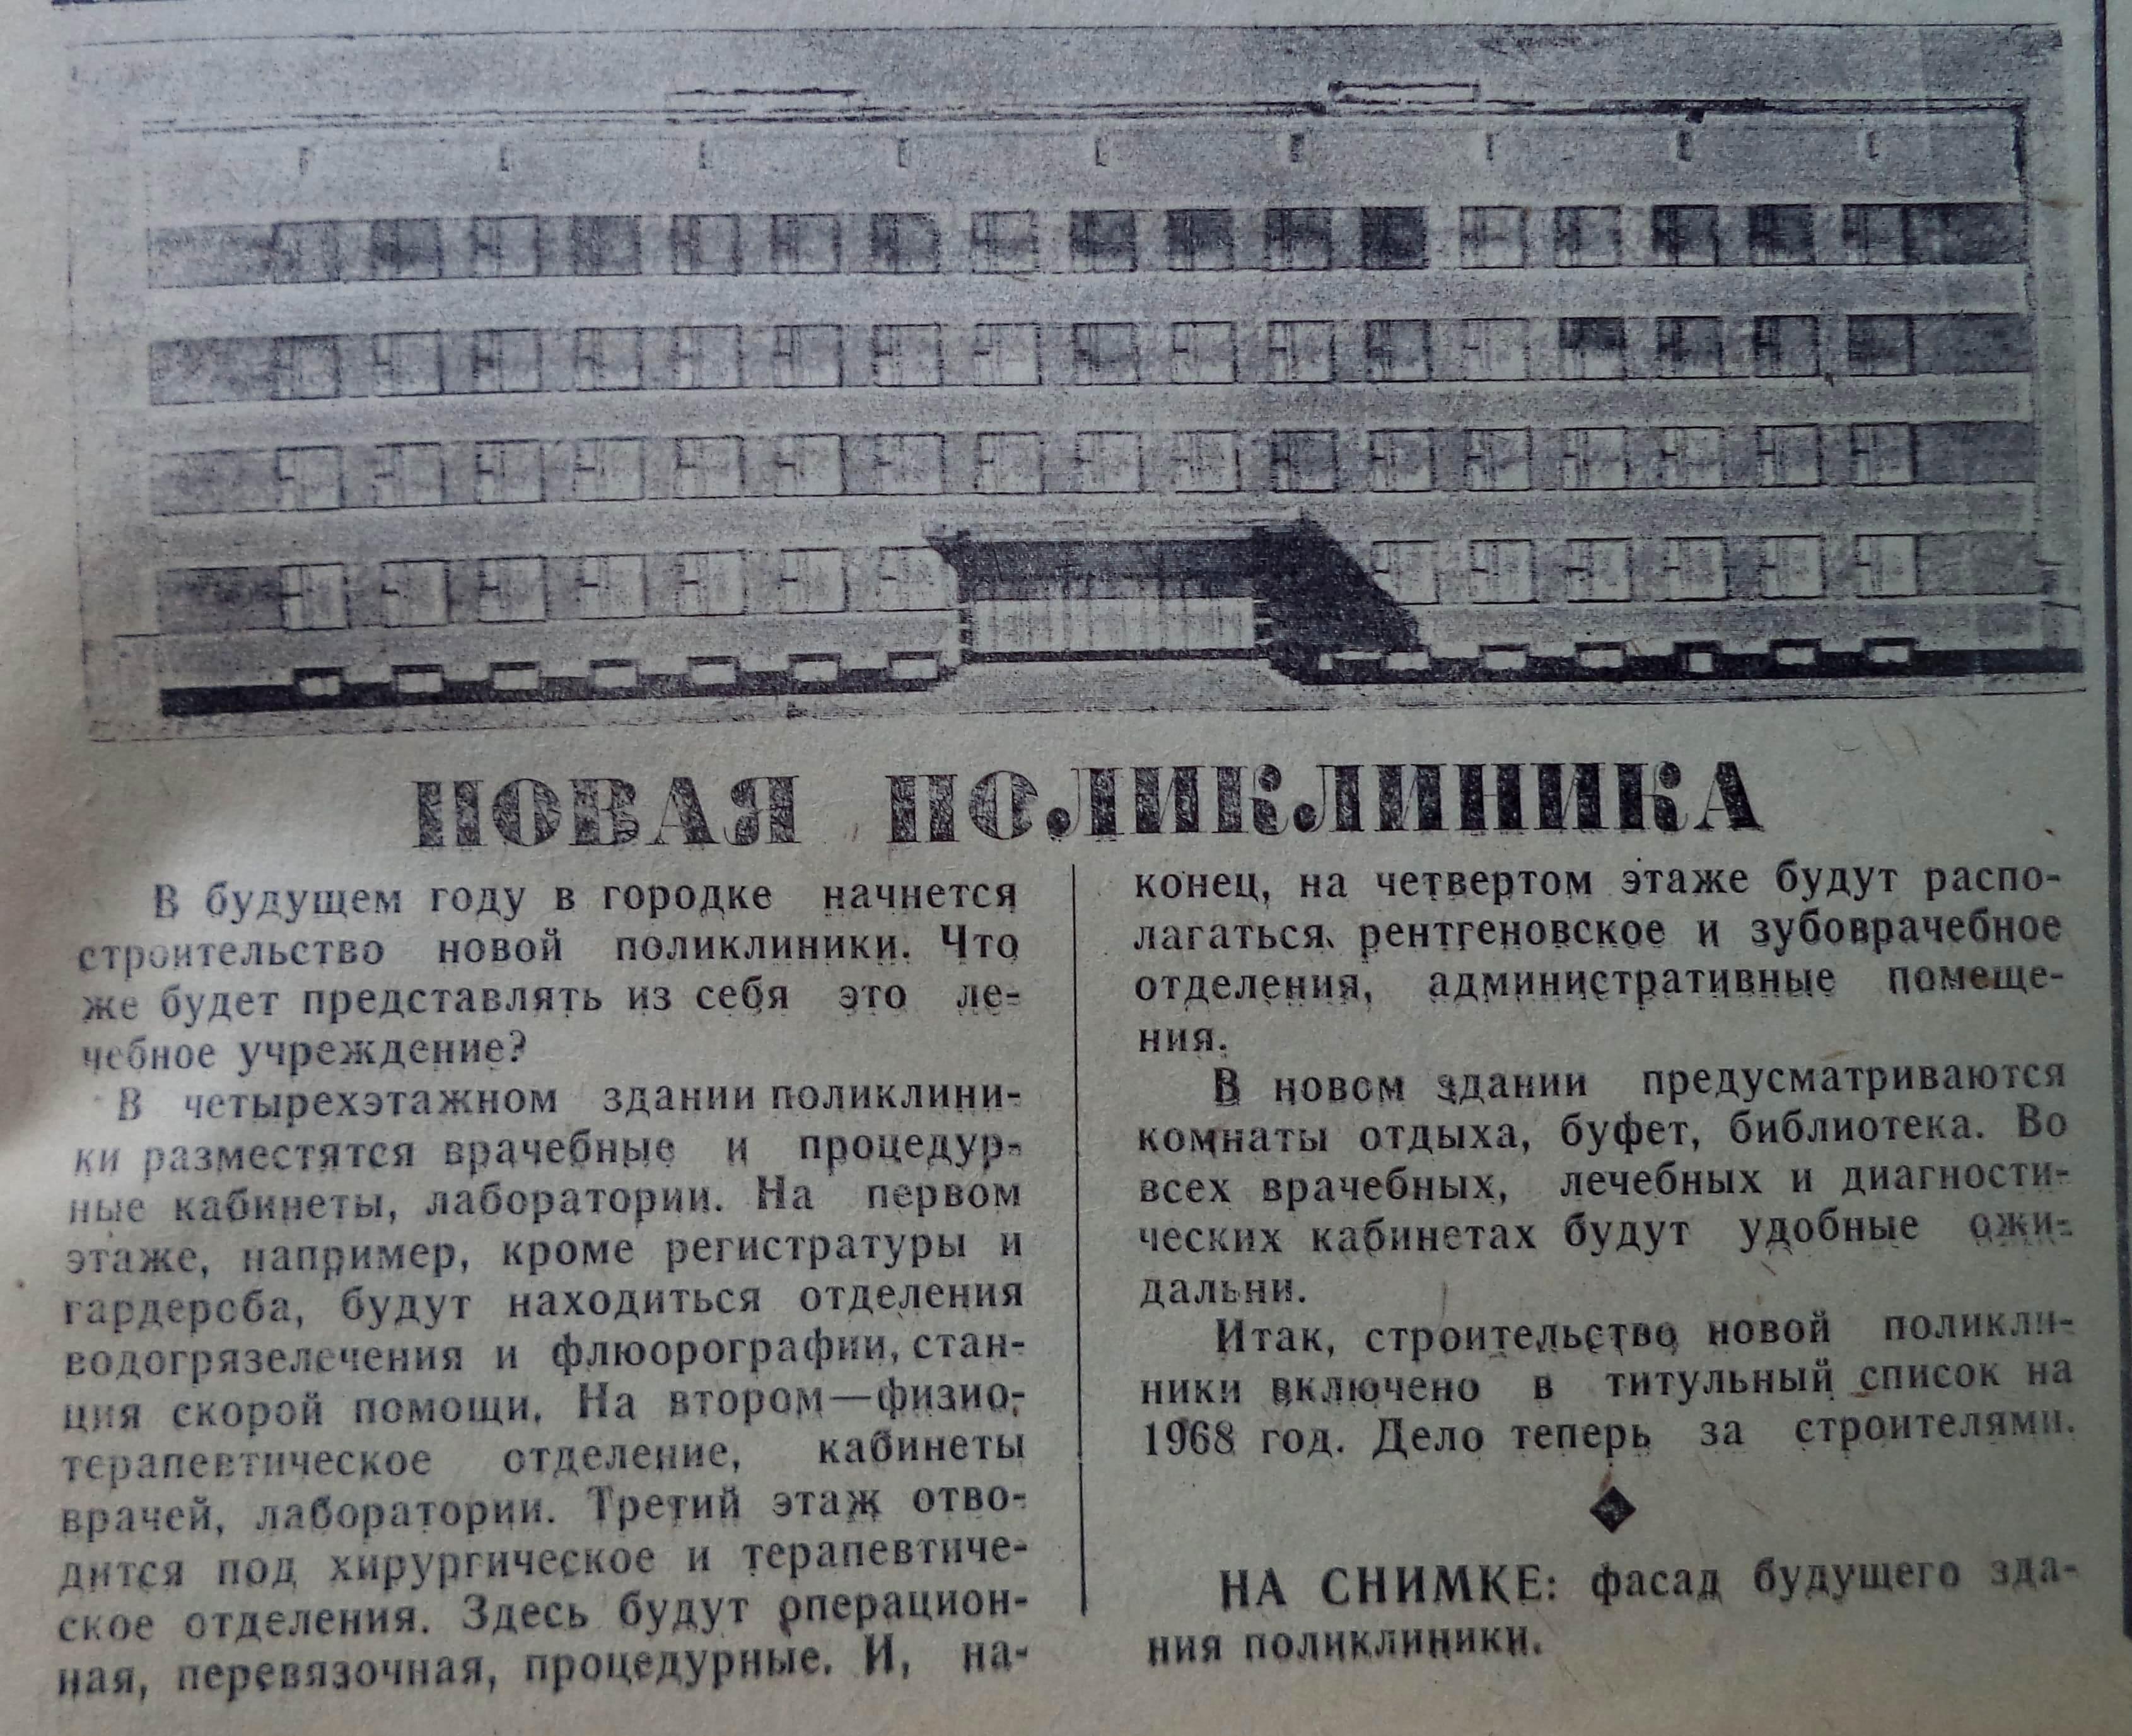 Симферопольская-ФОТО-15-Маяк-1967-12-18-проект новой поликлиники